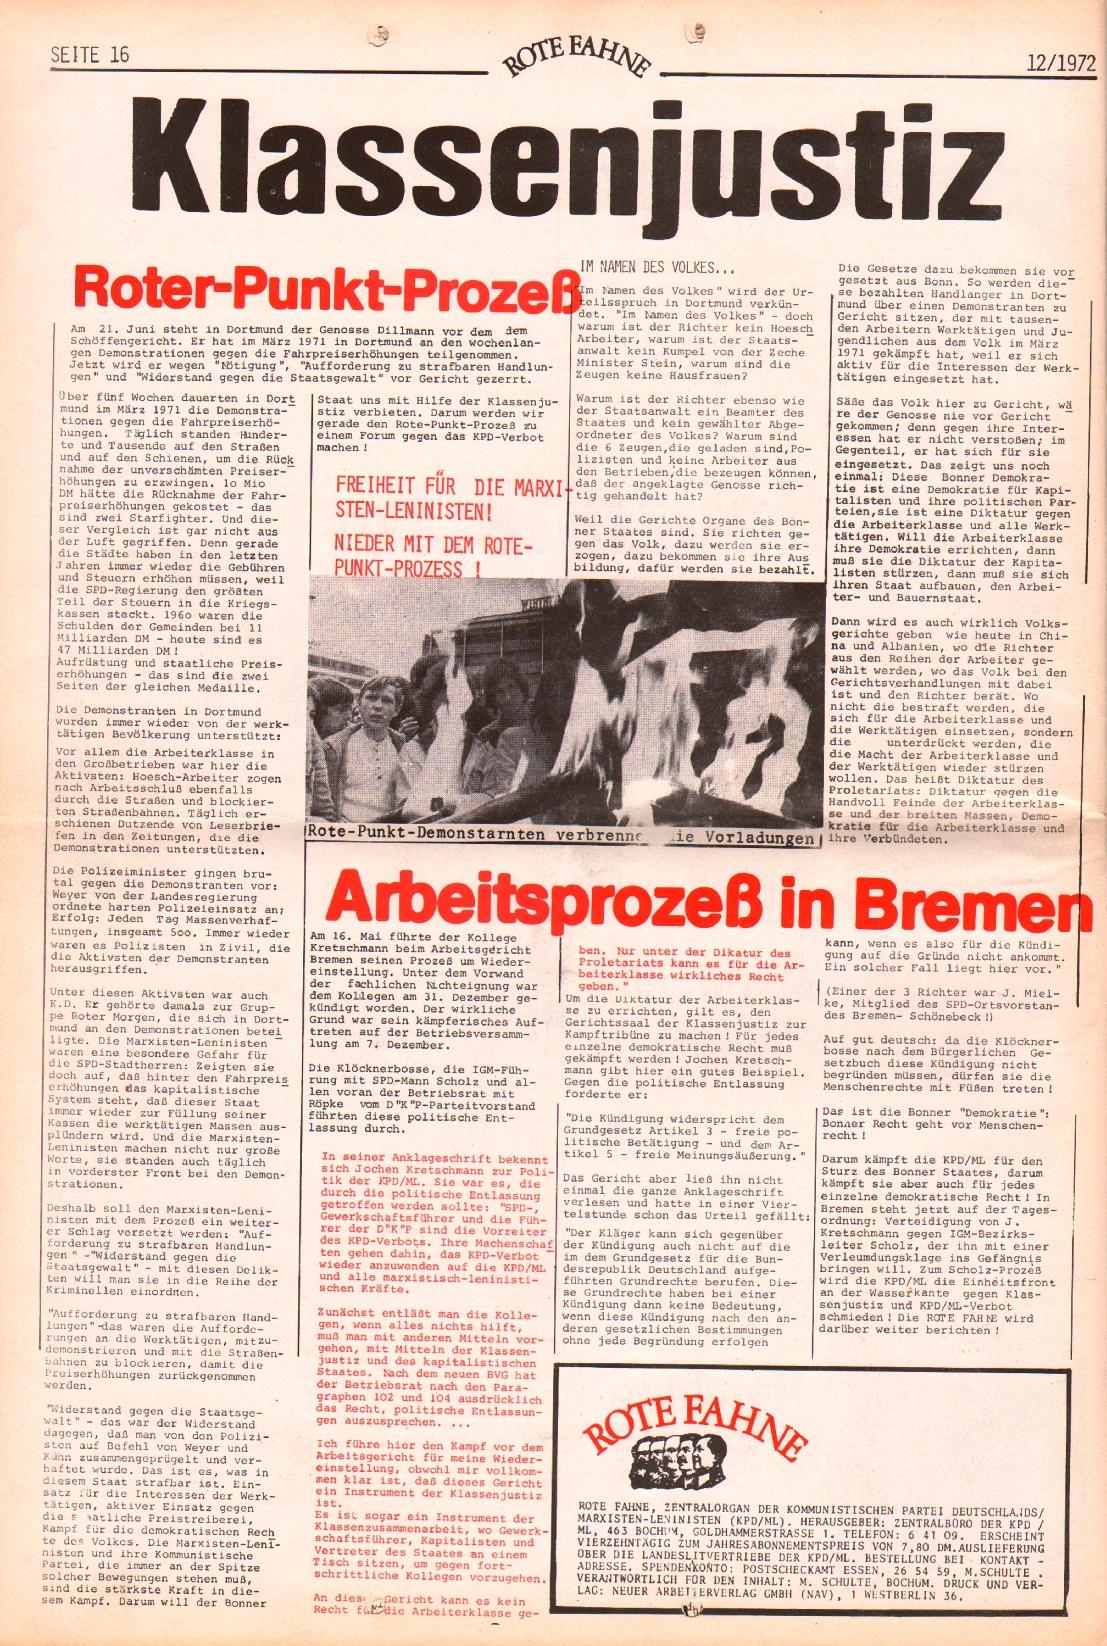 Rote Fahne, 3. Jg., 12.6.1972, Nr. 12, Seite 16